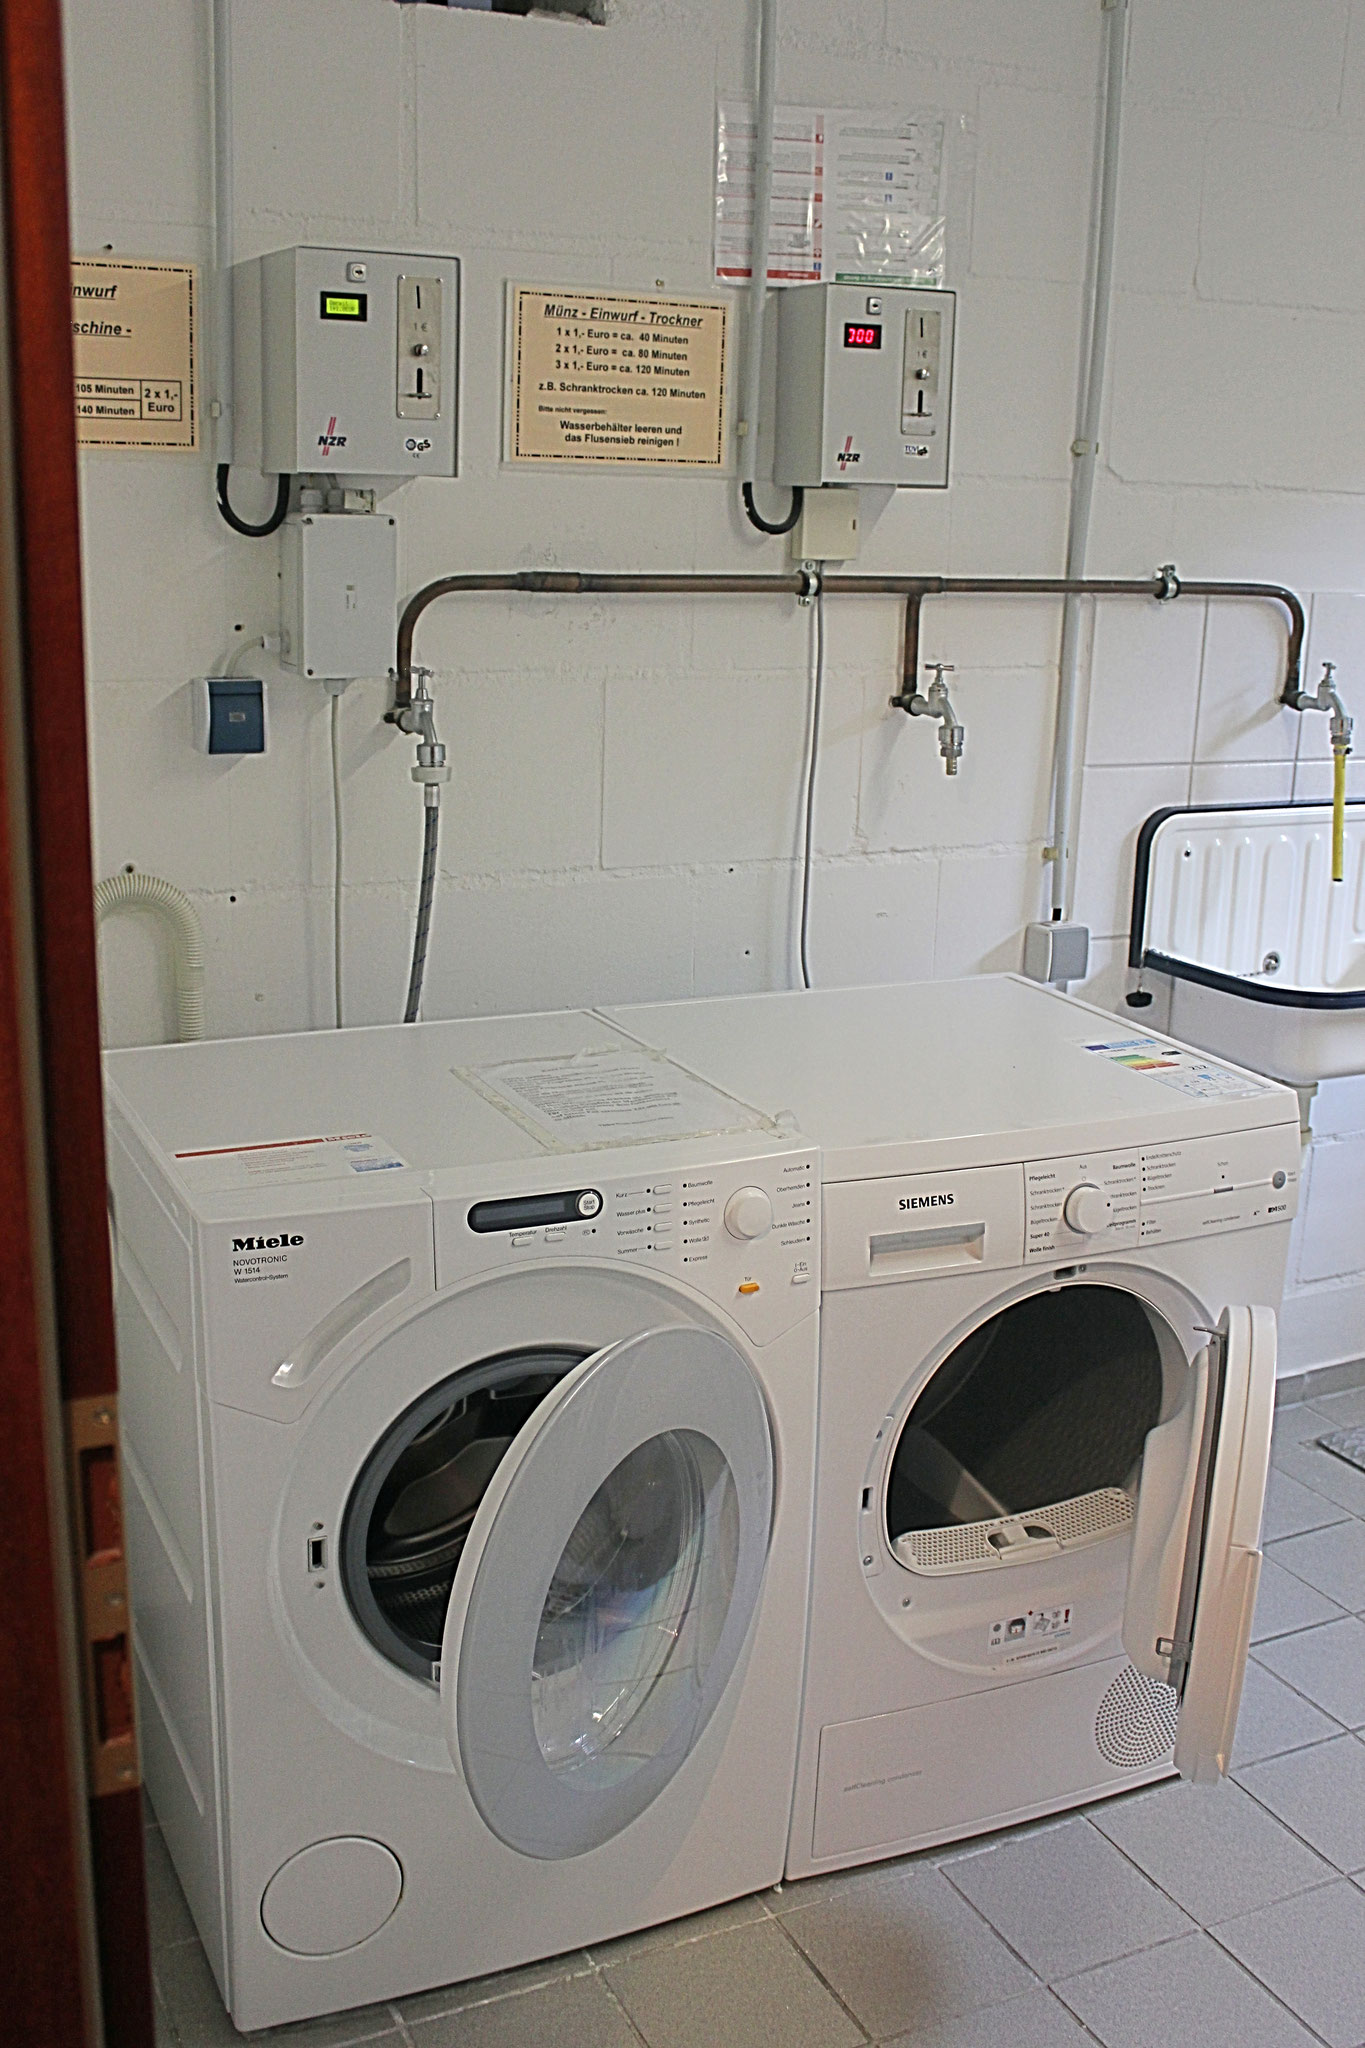 Waschmaschine und Trockner im Keller